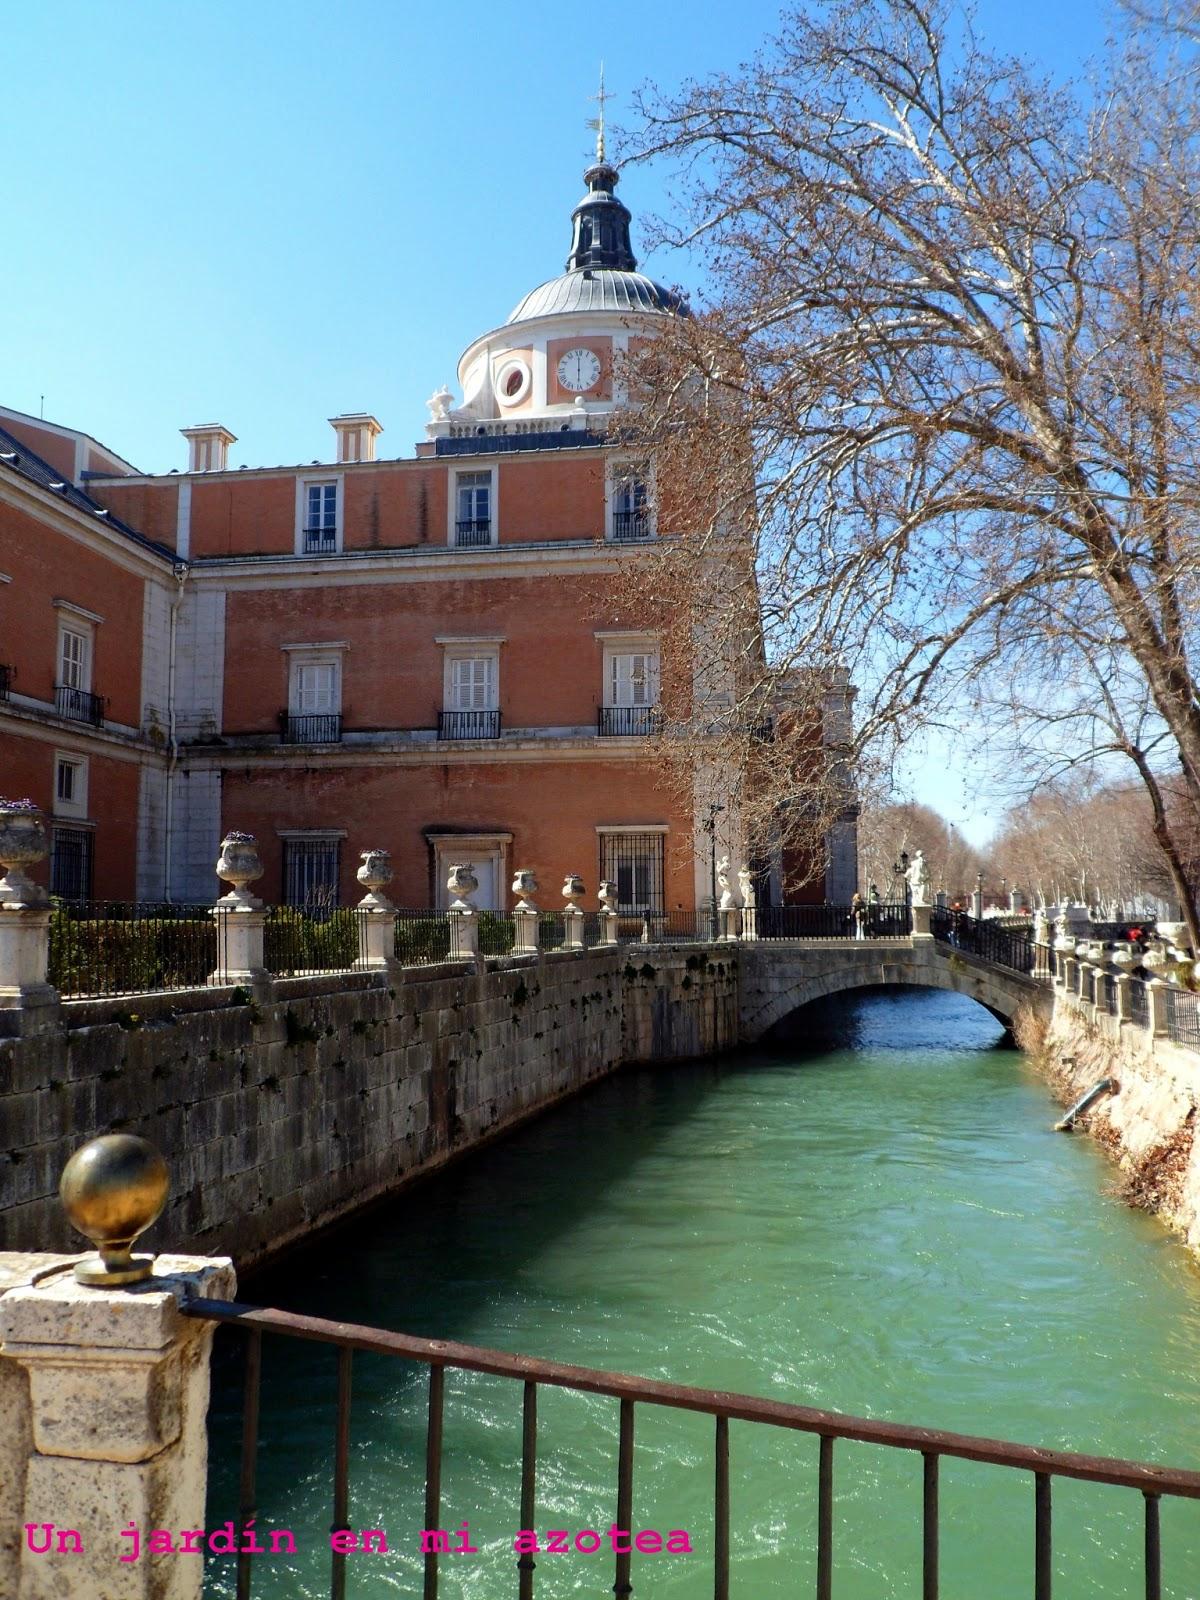 Un jard n en mi azotea el jard n de la isla de aranjuez for El jardin de aranjuez